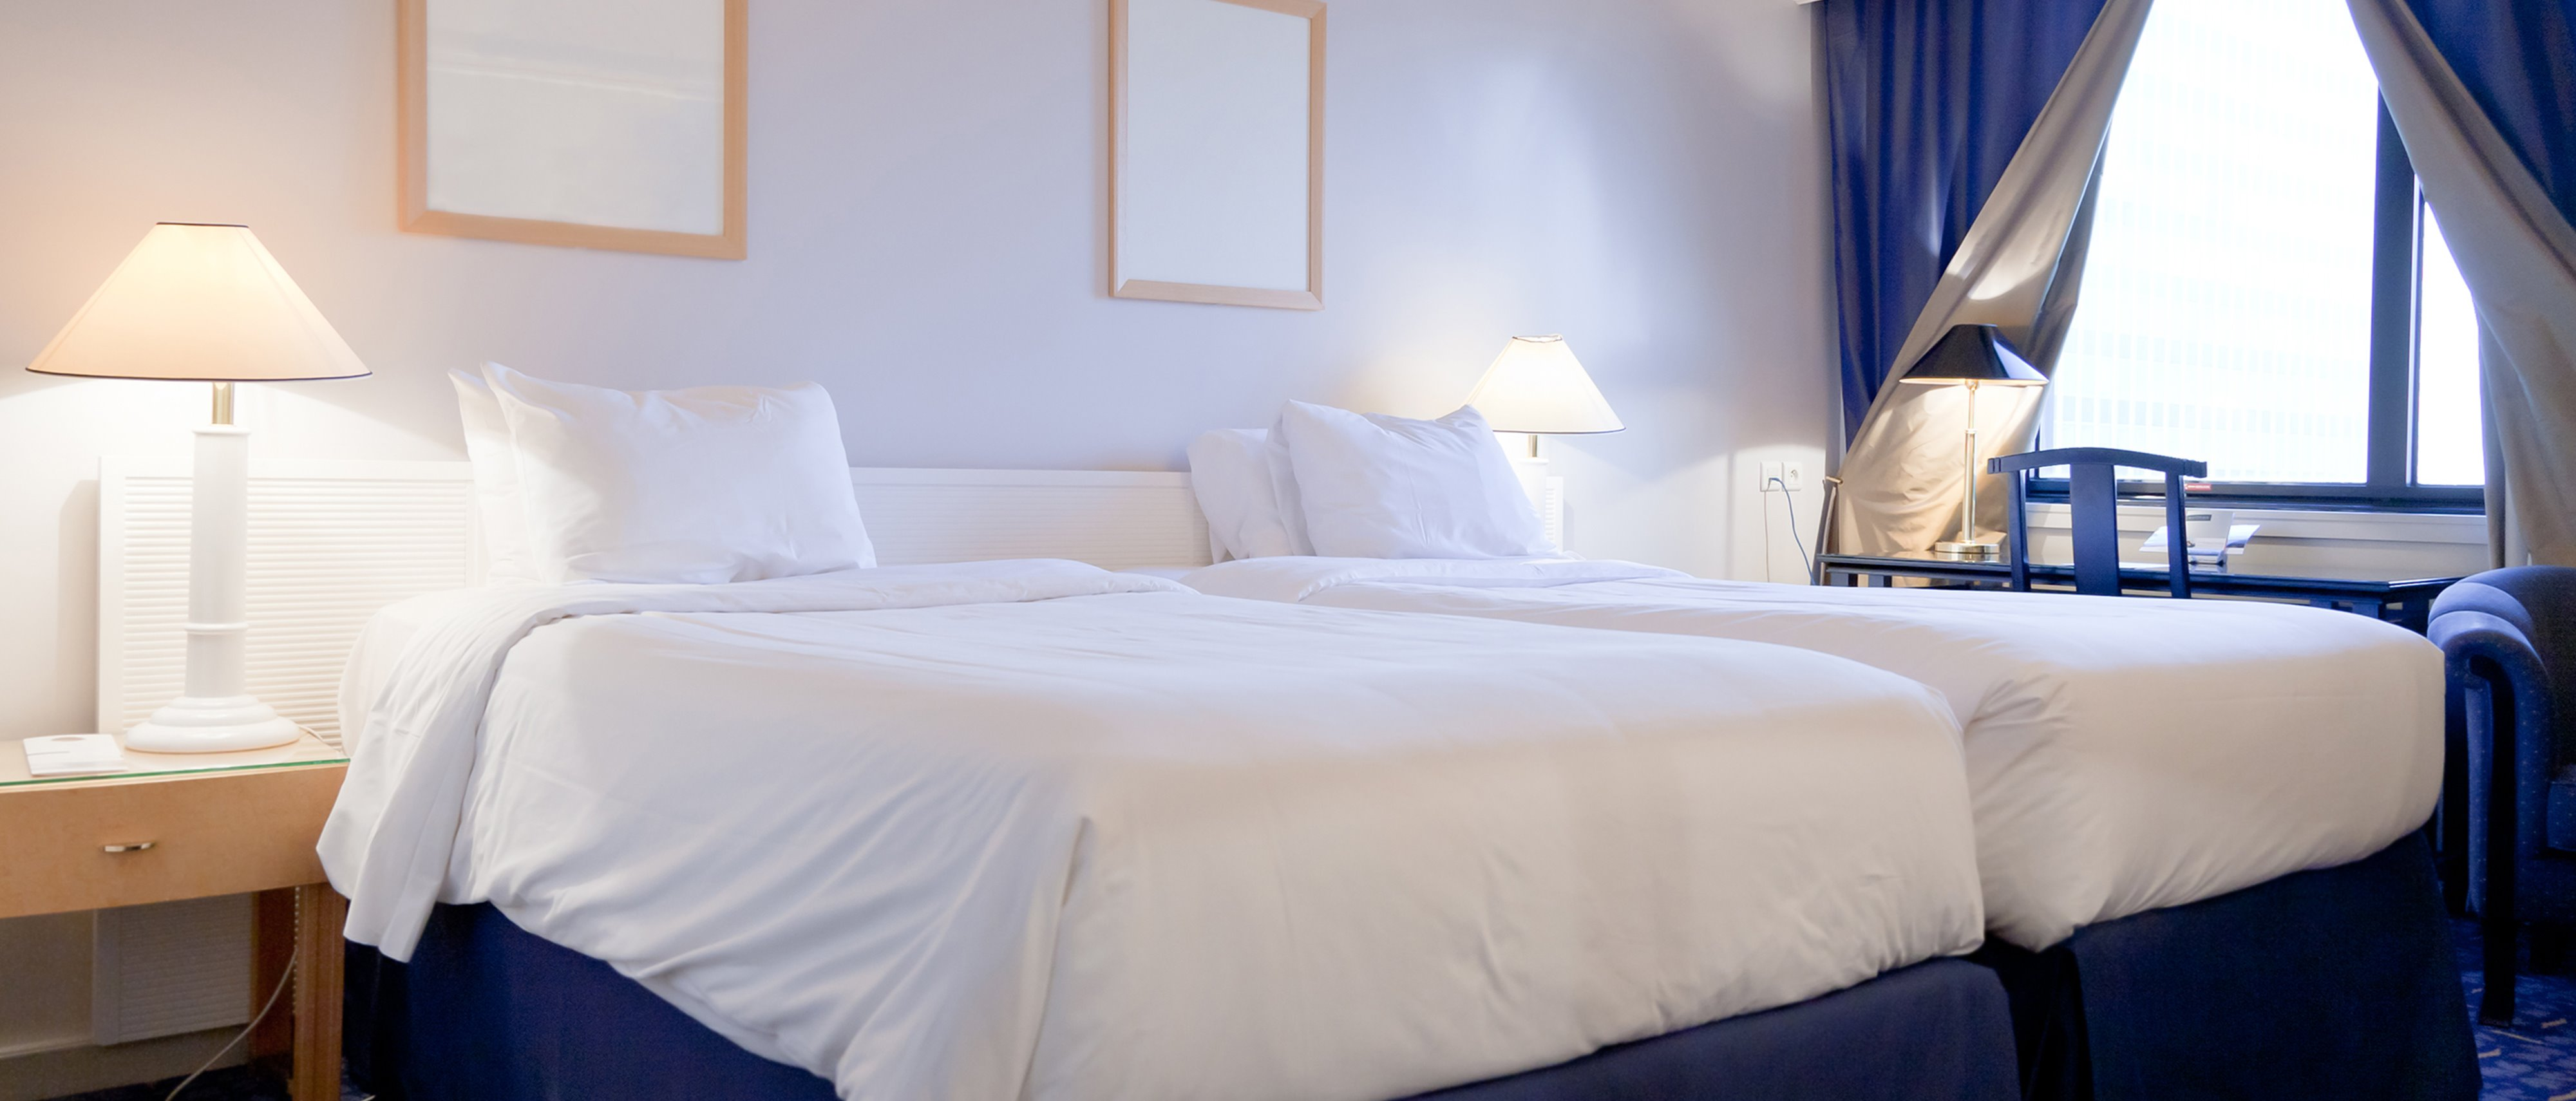 Hospitality: Hotell og skip